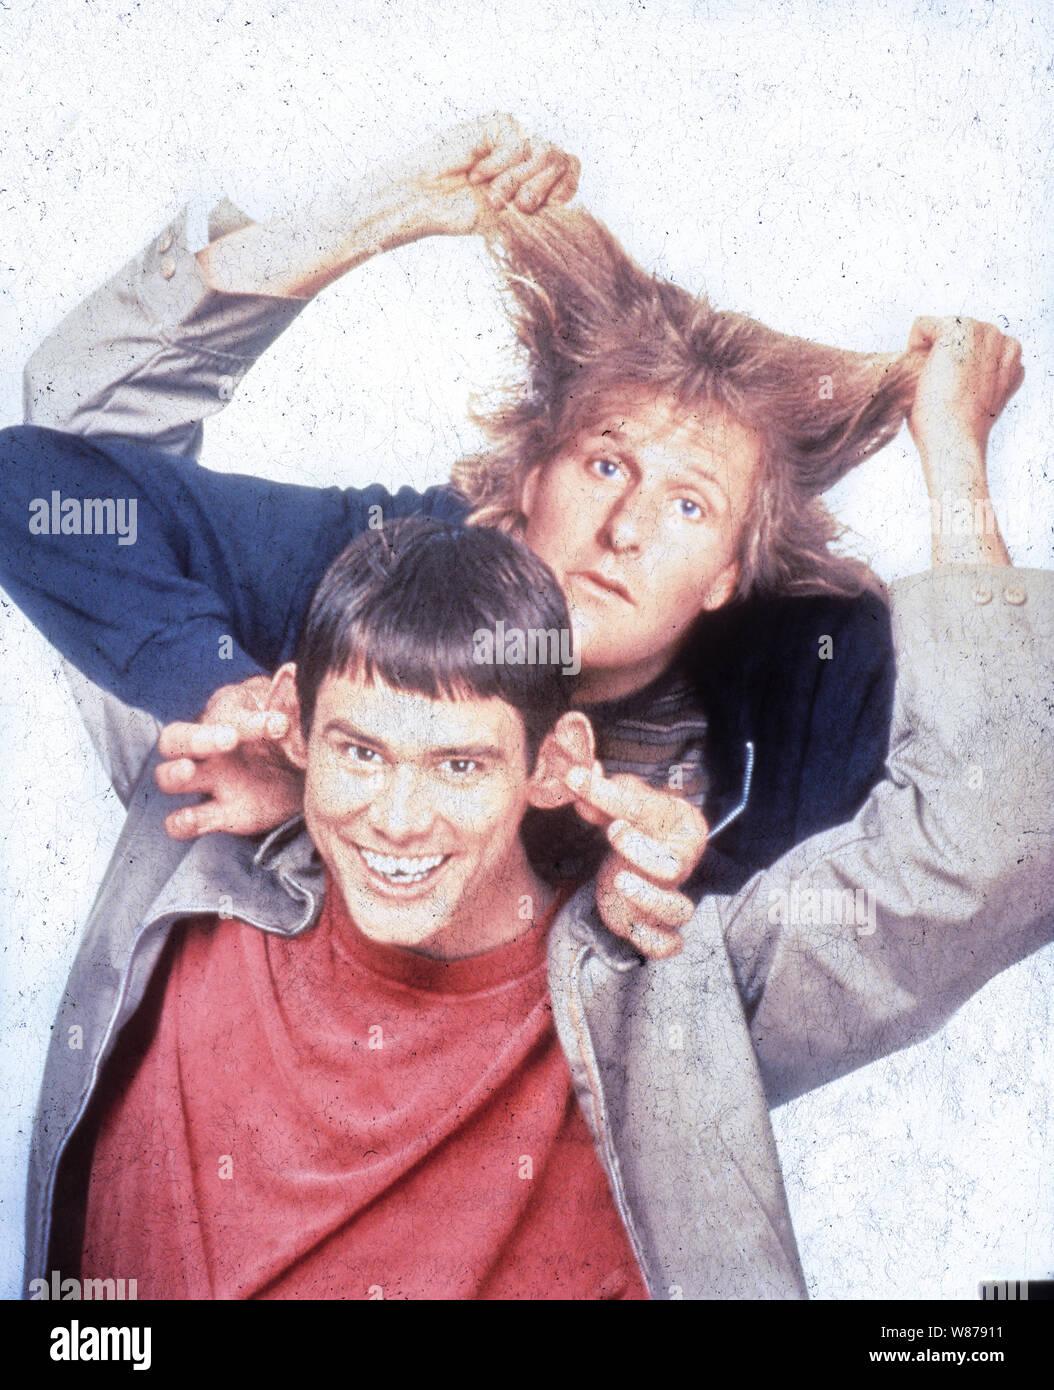 Jim Carrey Jeff Daniels Dumb And Dumber 1994 Stock Photo Alamy